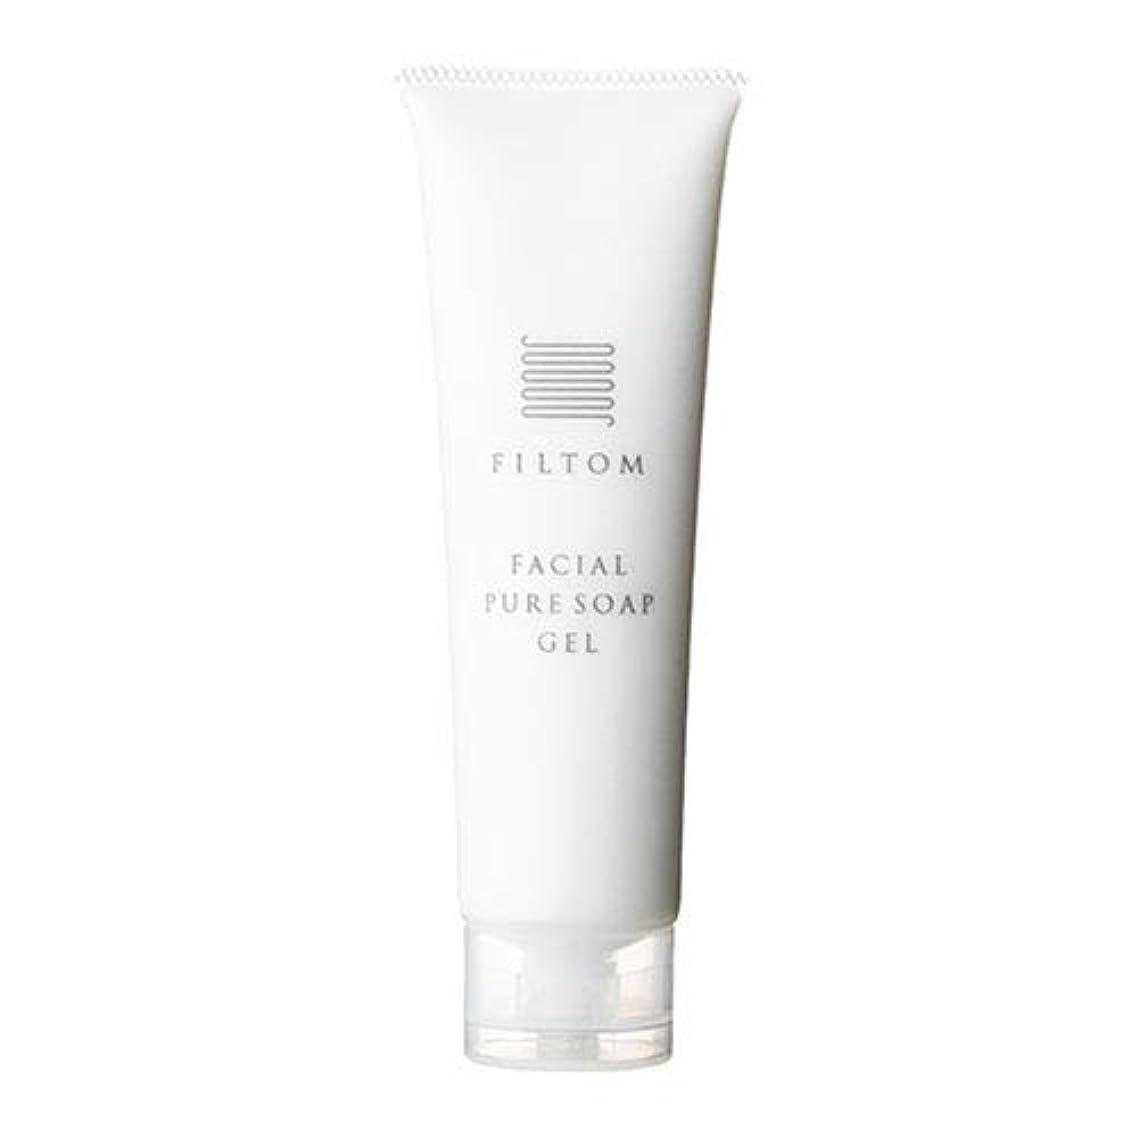 扇動調和のとれたより平らなフィルトム純石鹸ベース洗顔フォーム S6A 100mL